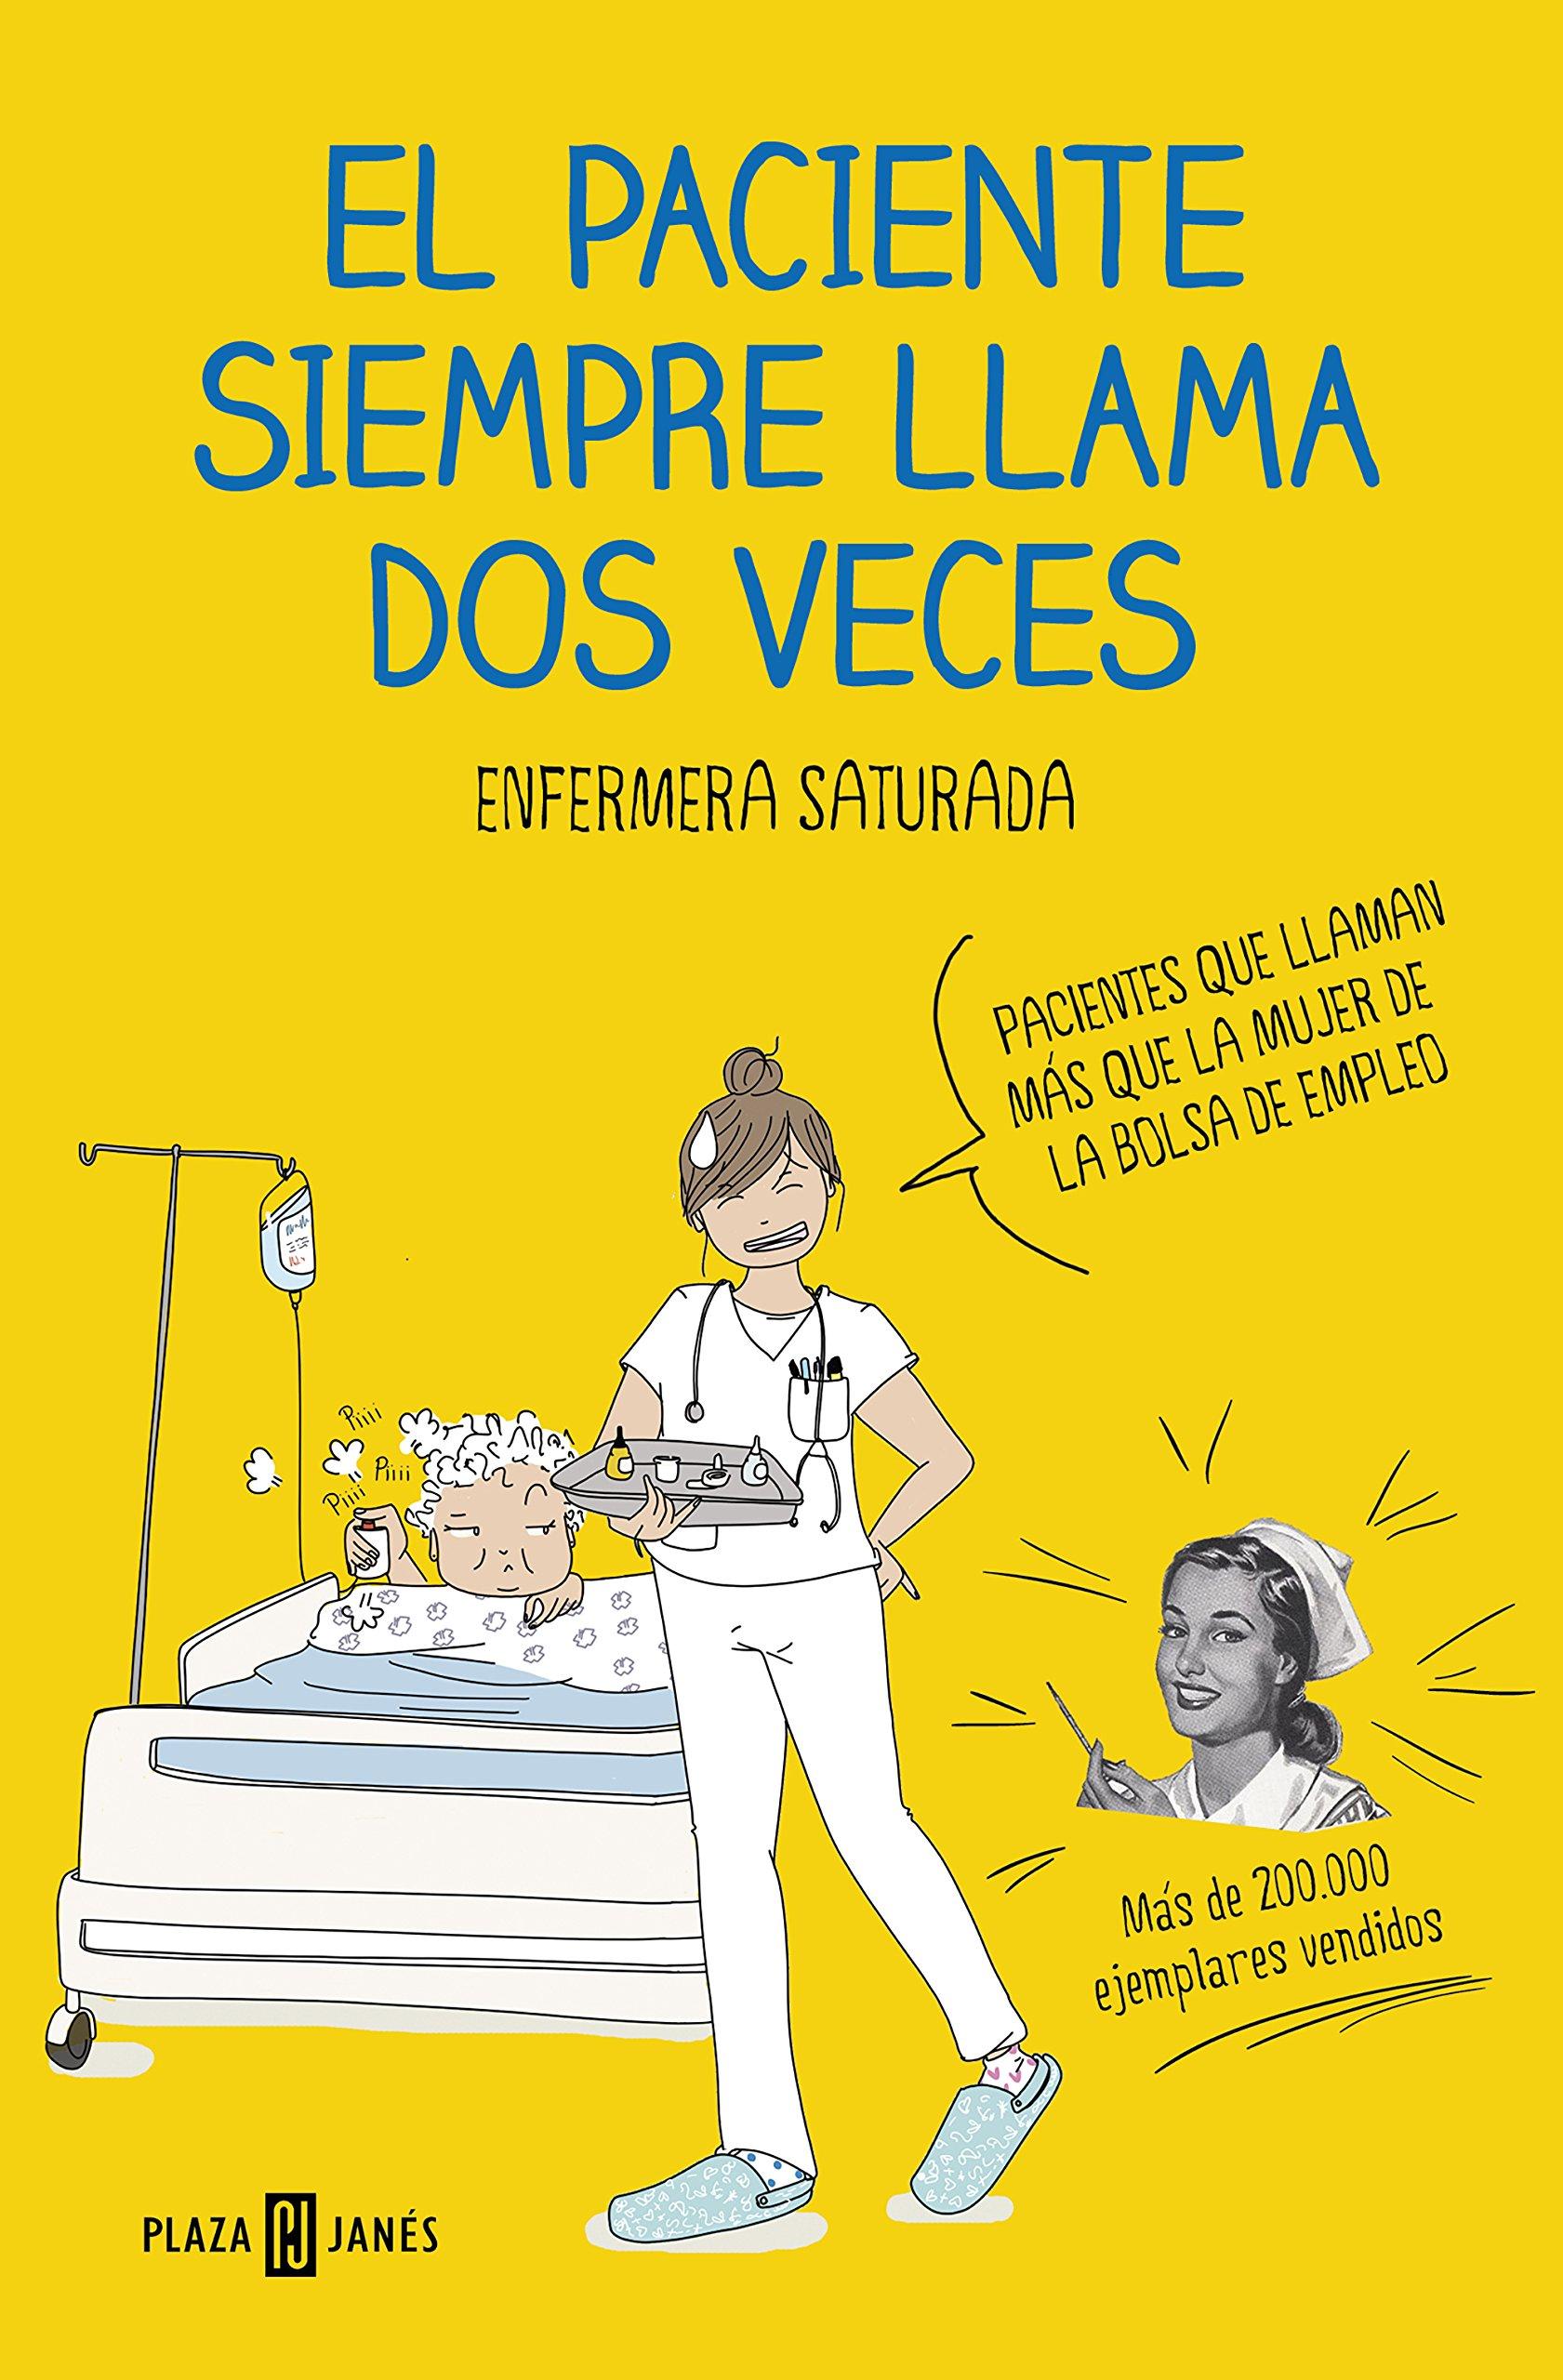 El paciente siempre llama dos veces (OBRAS DIVERSAS): Amazon.es: Enfermera  Saturada: Libros